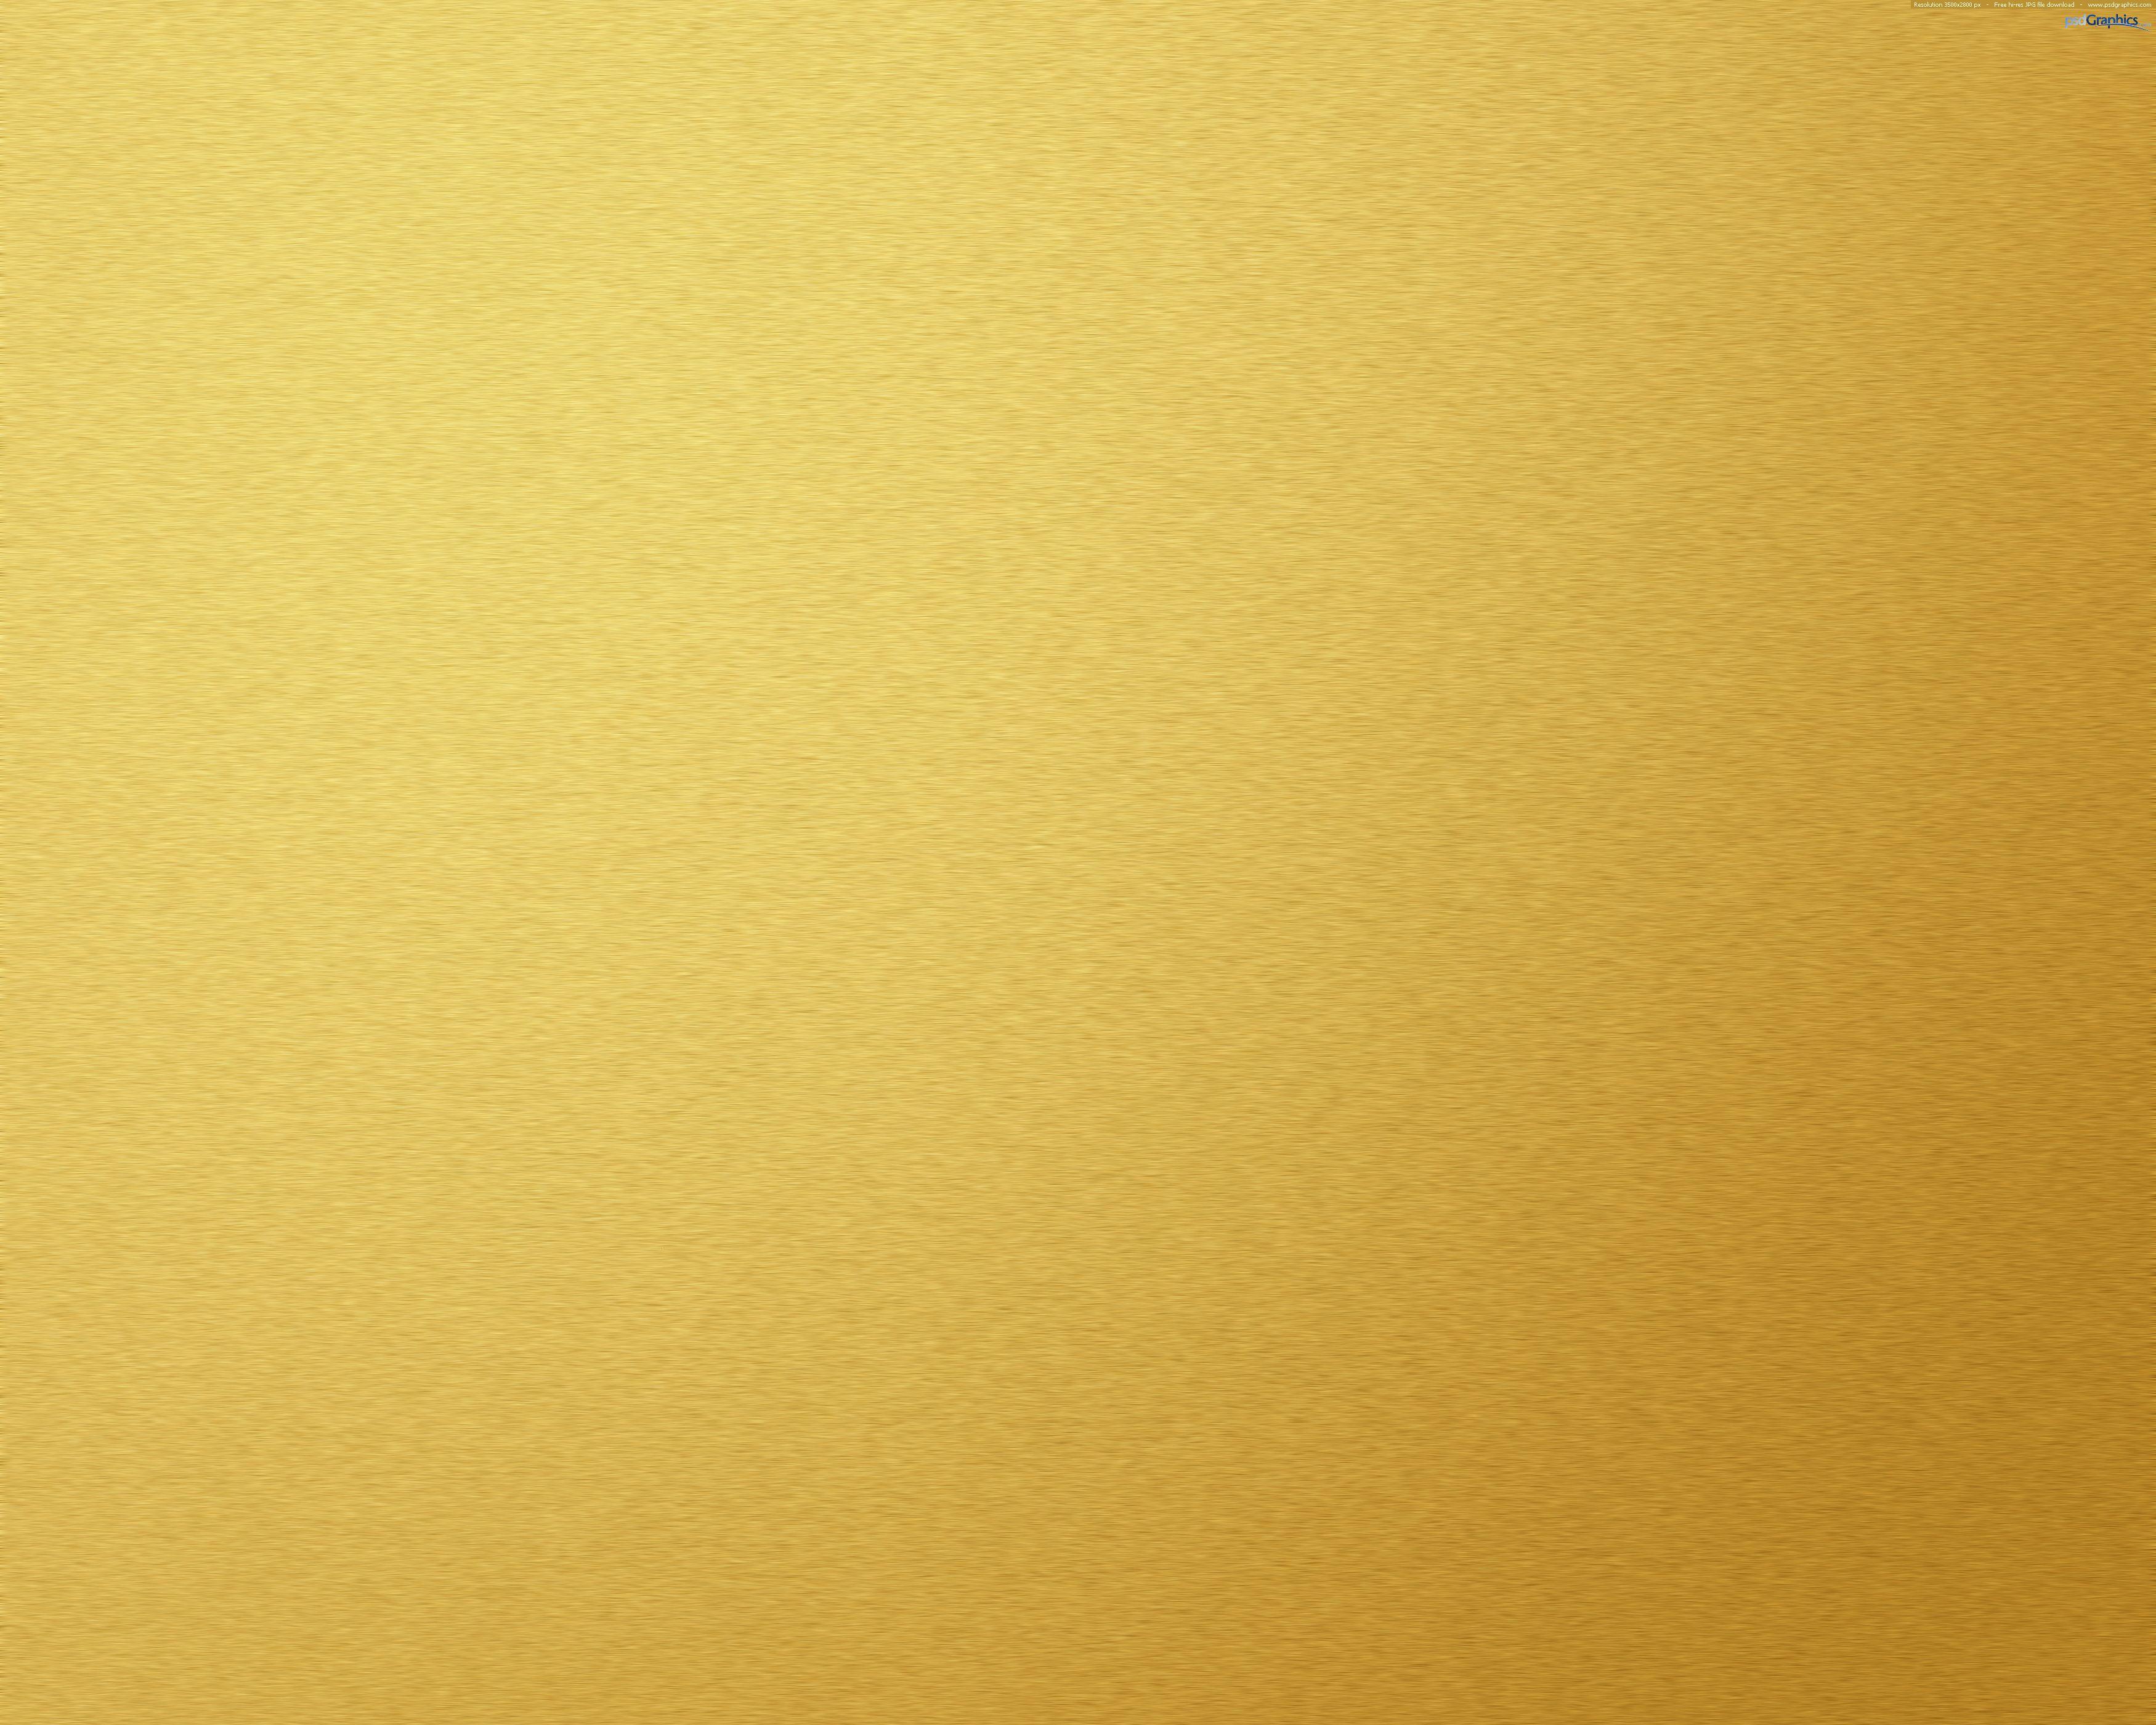 Gold Texture   Colors&textures   Pinterest